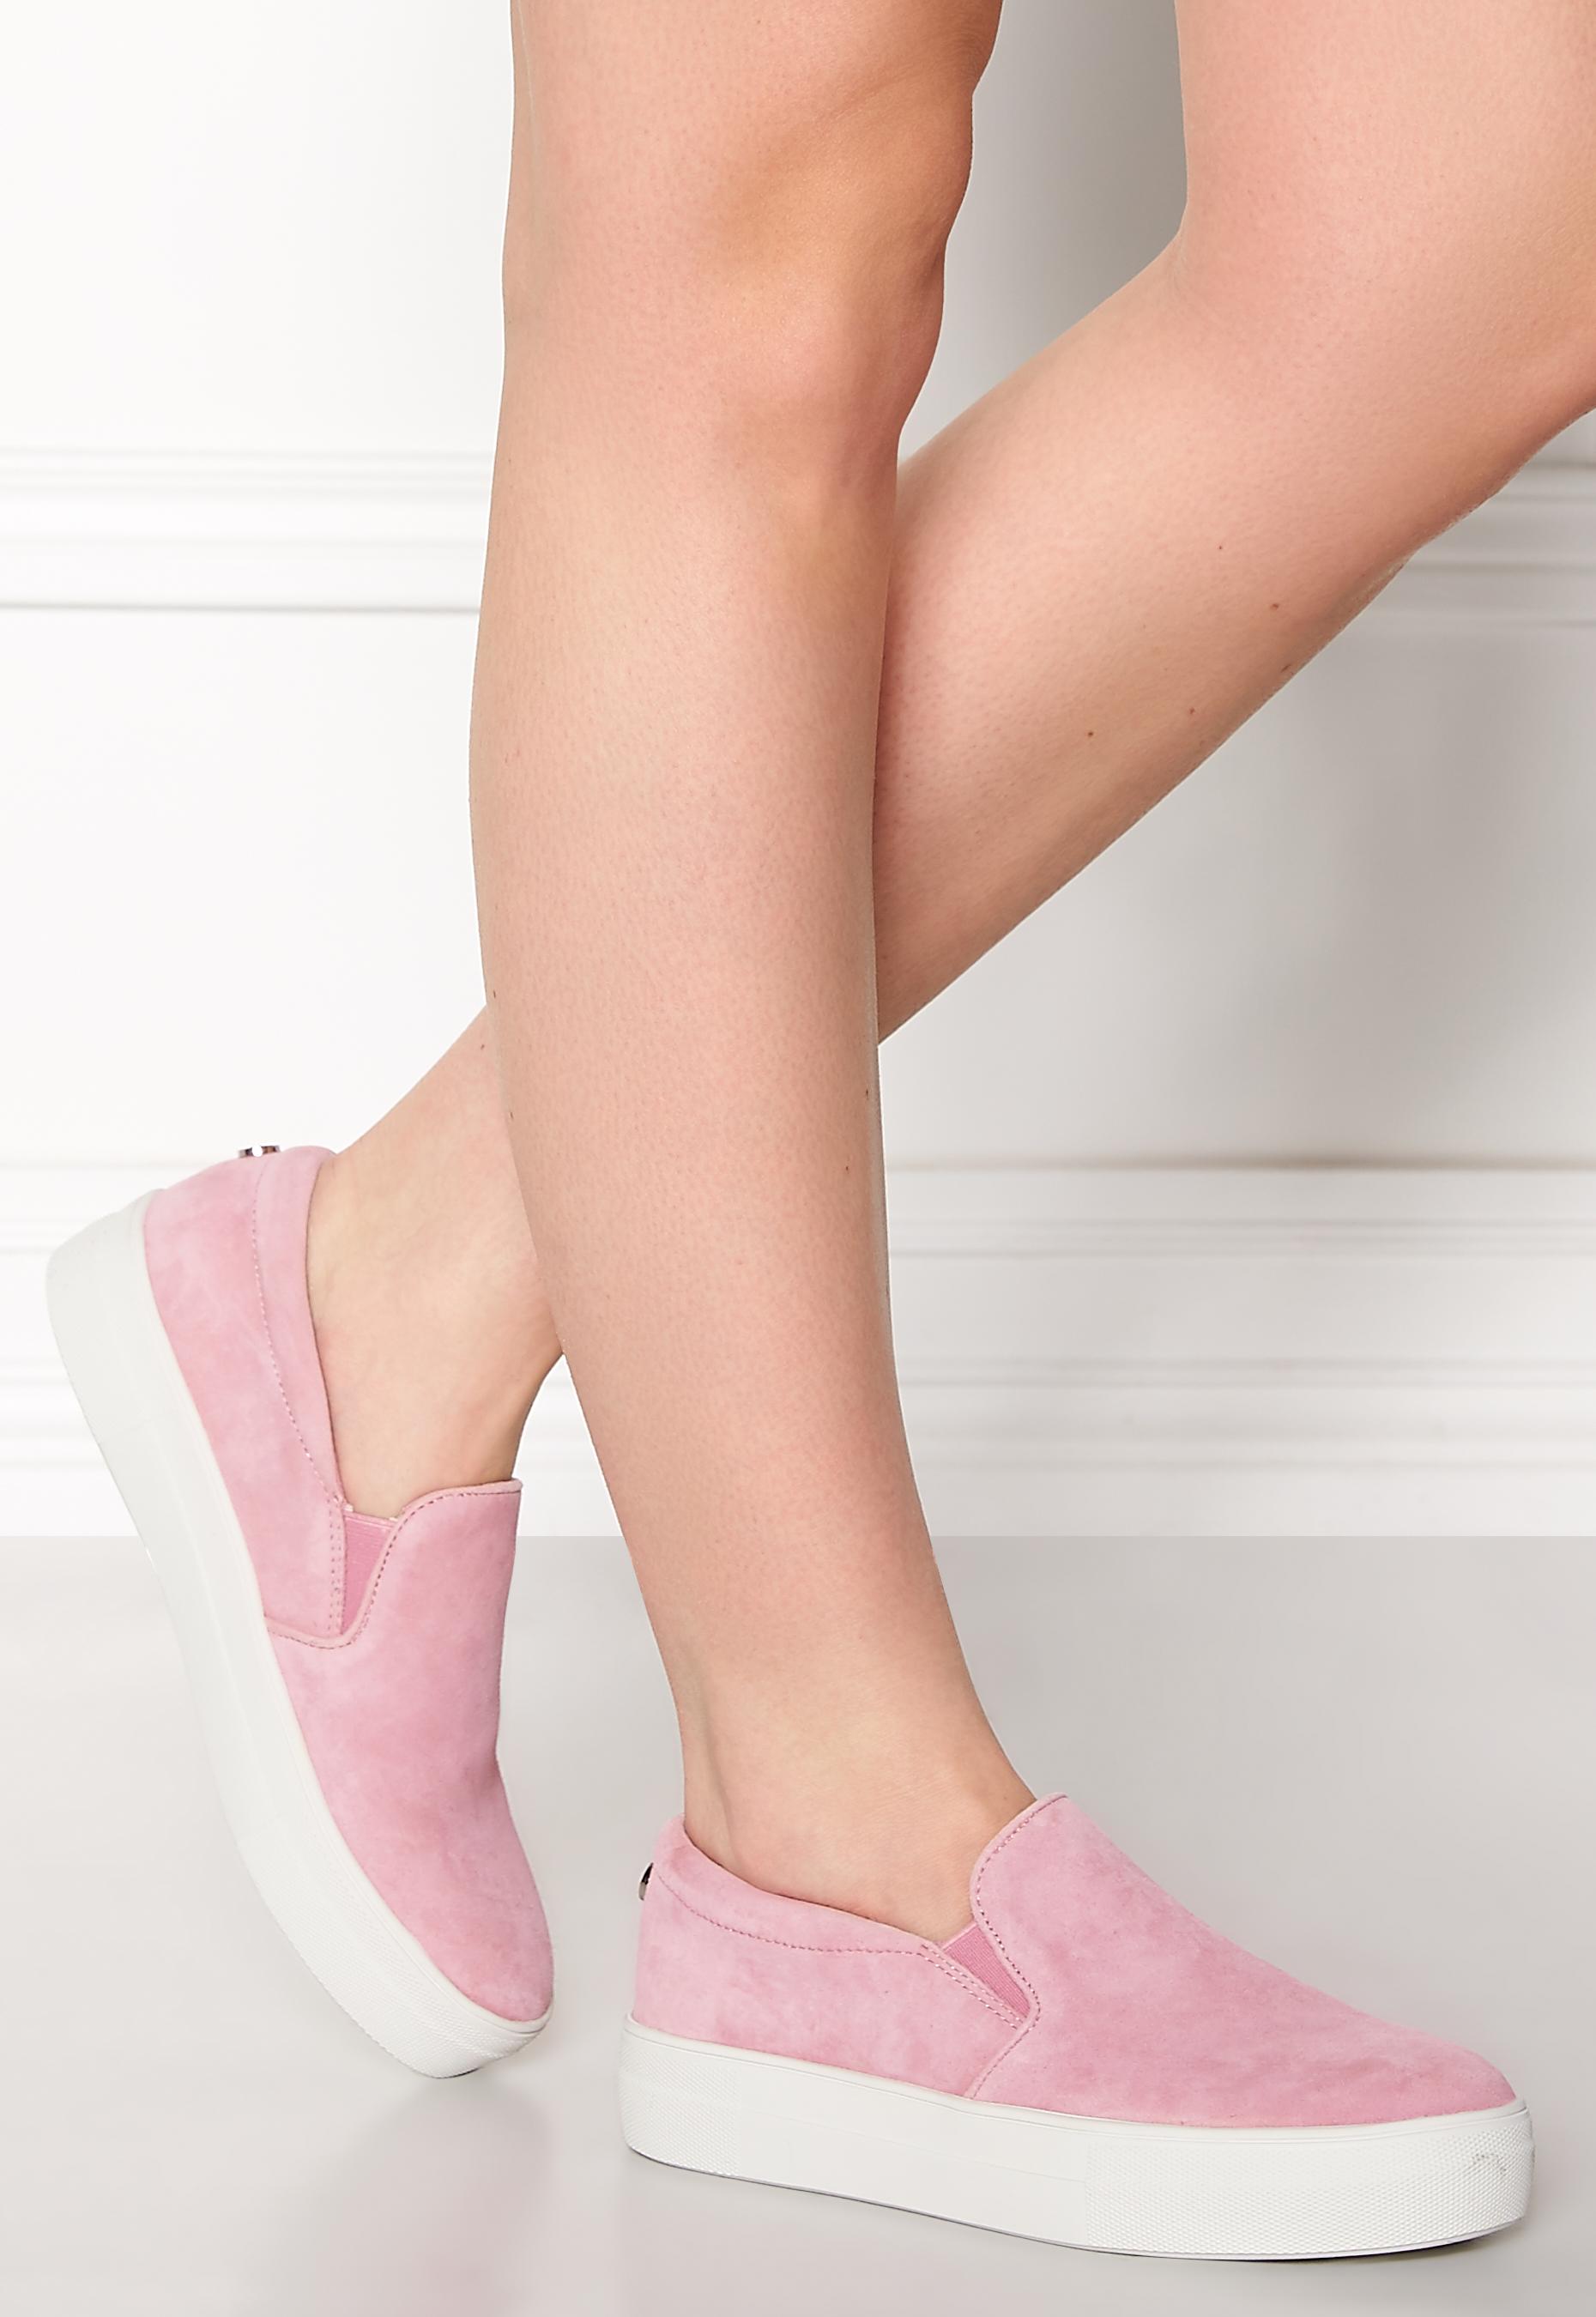 Steve Madden Gills Loafer Pink - Bubbleroom